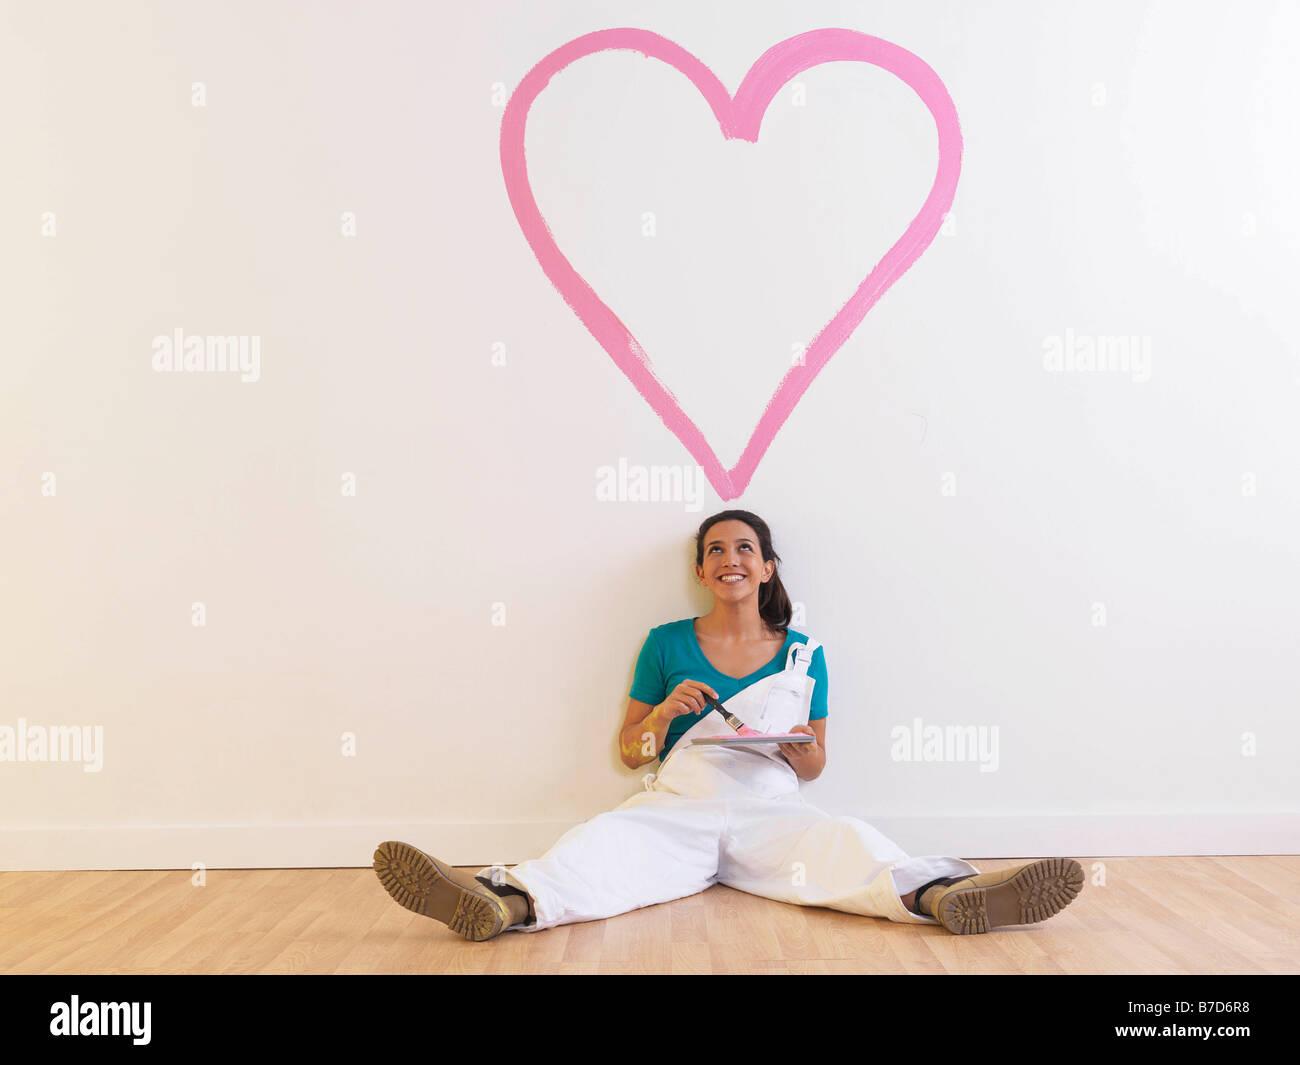 Fille avec coeur de la peinture. Photo Stock